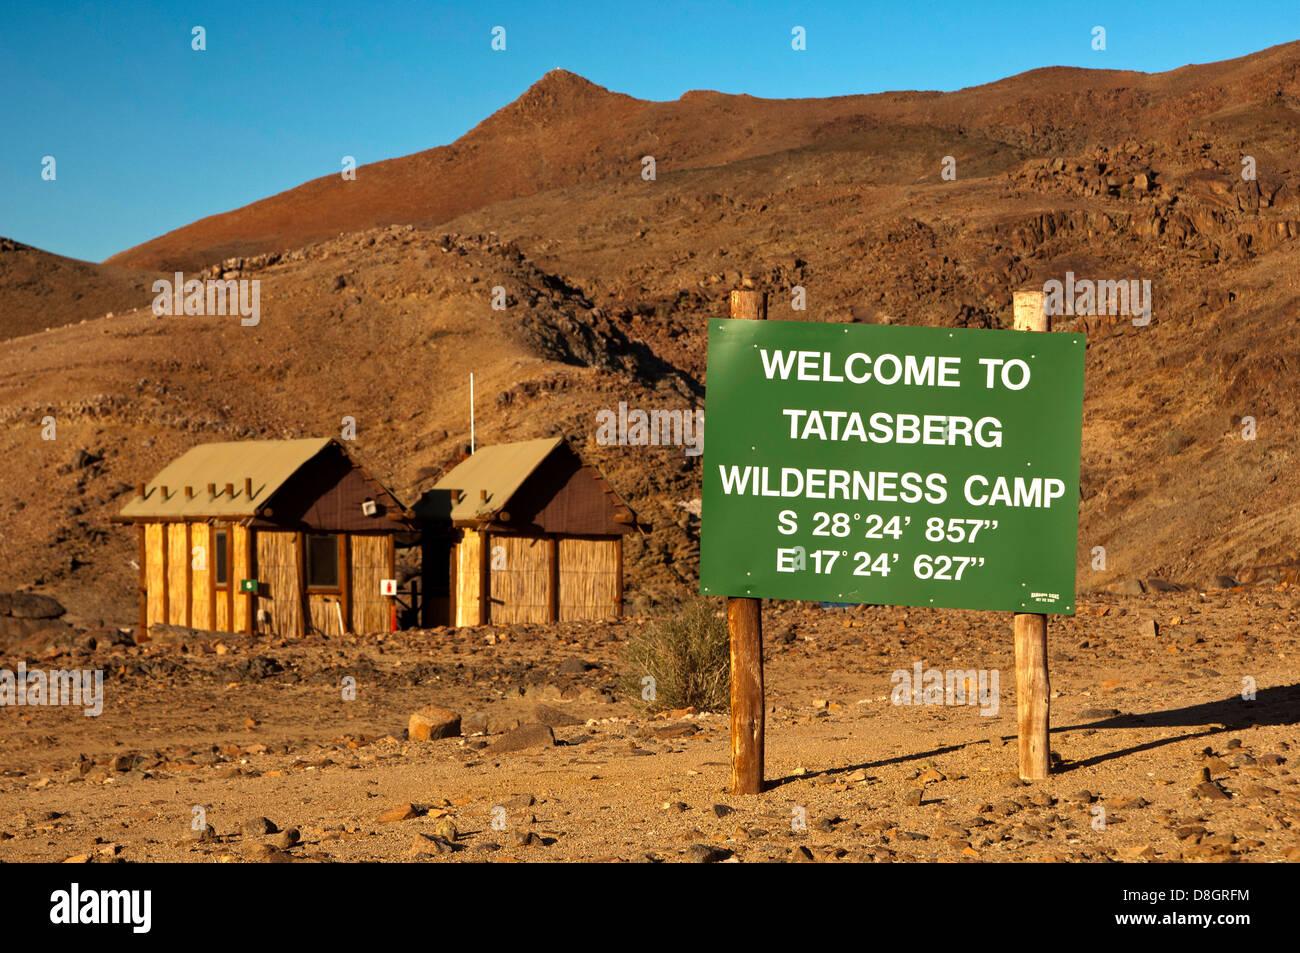 Cartel de bienvenida con información de ubicación GPS a la entrada del campamento desierto Tatasberg Richtersveld, Imagen De Stock